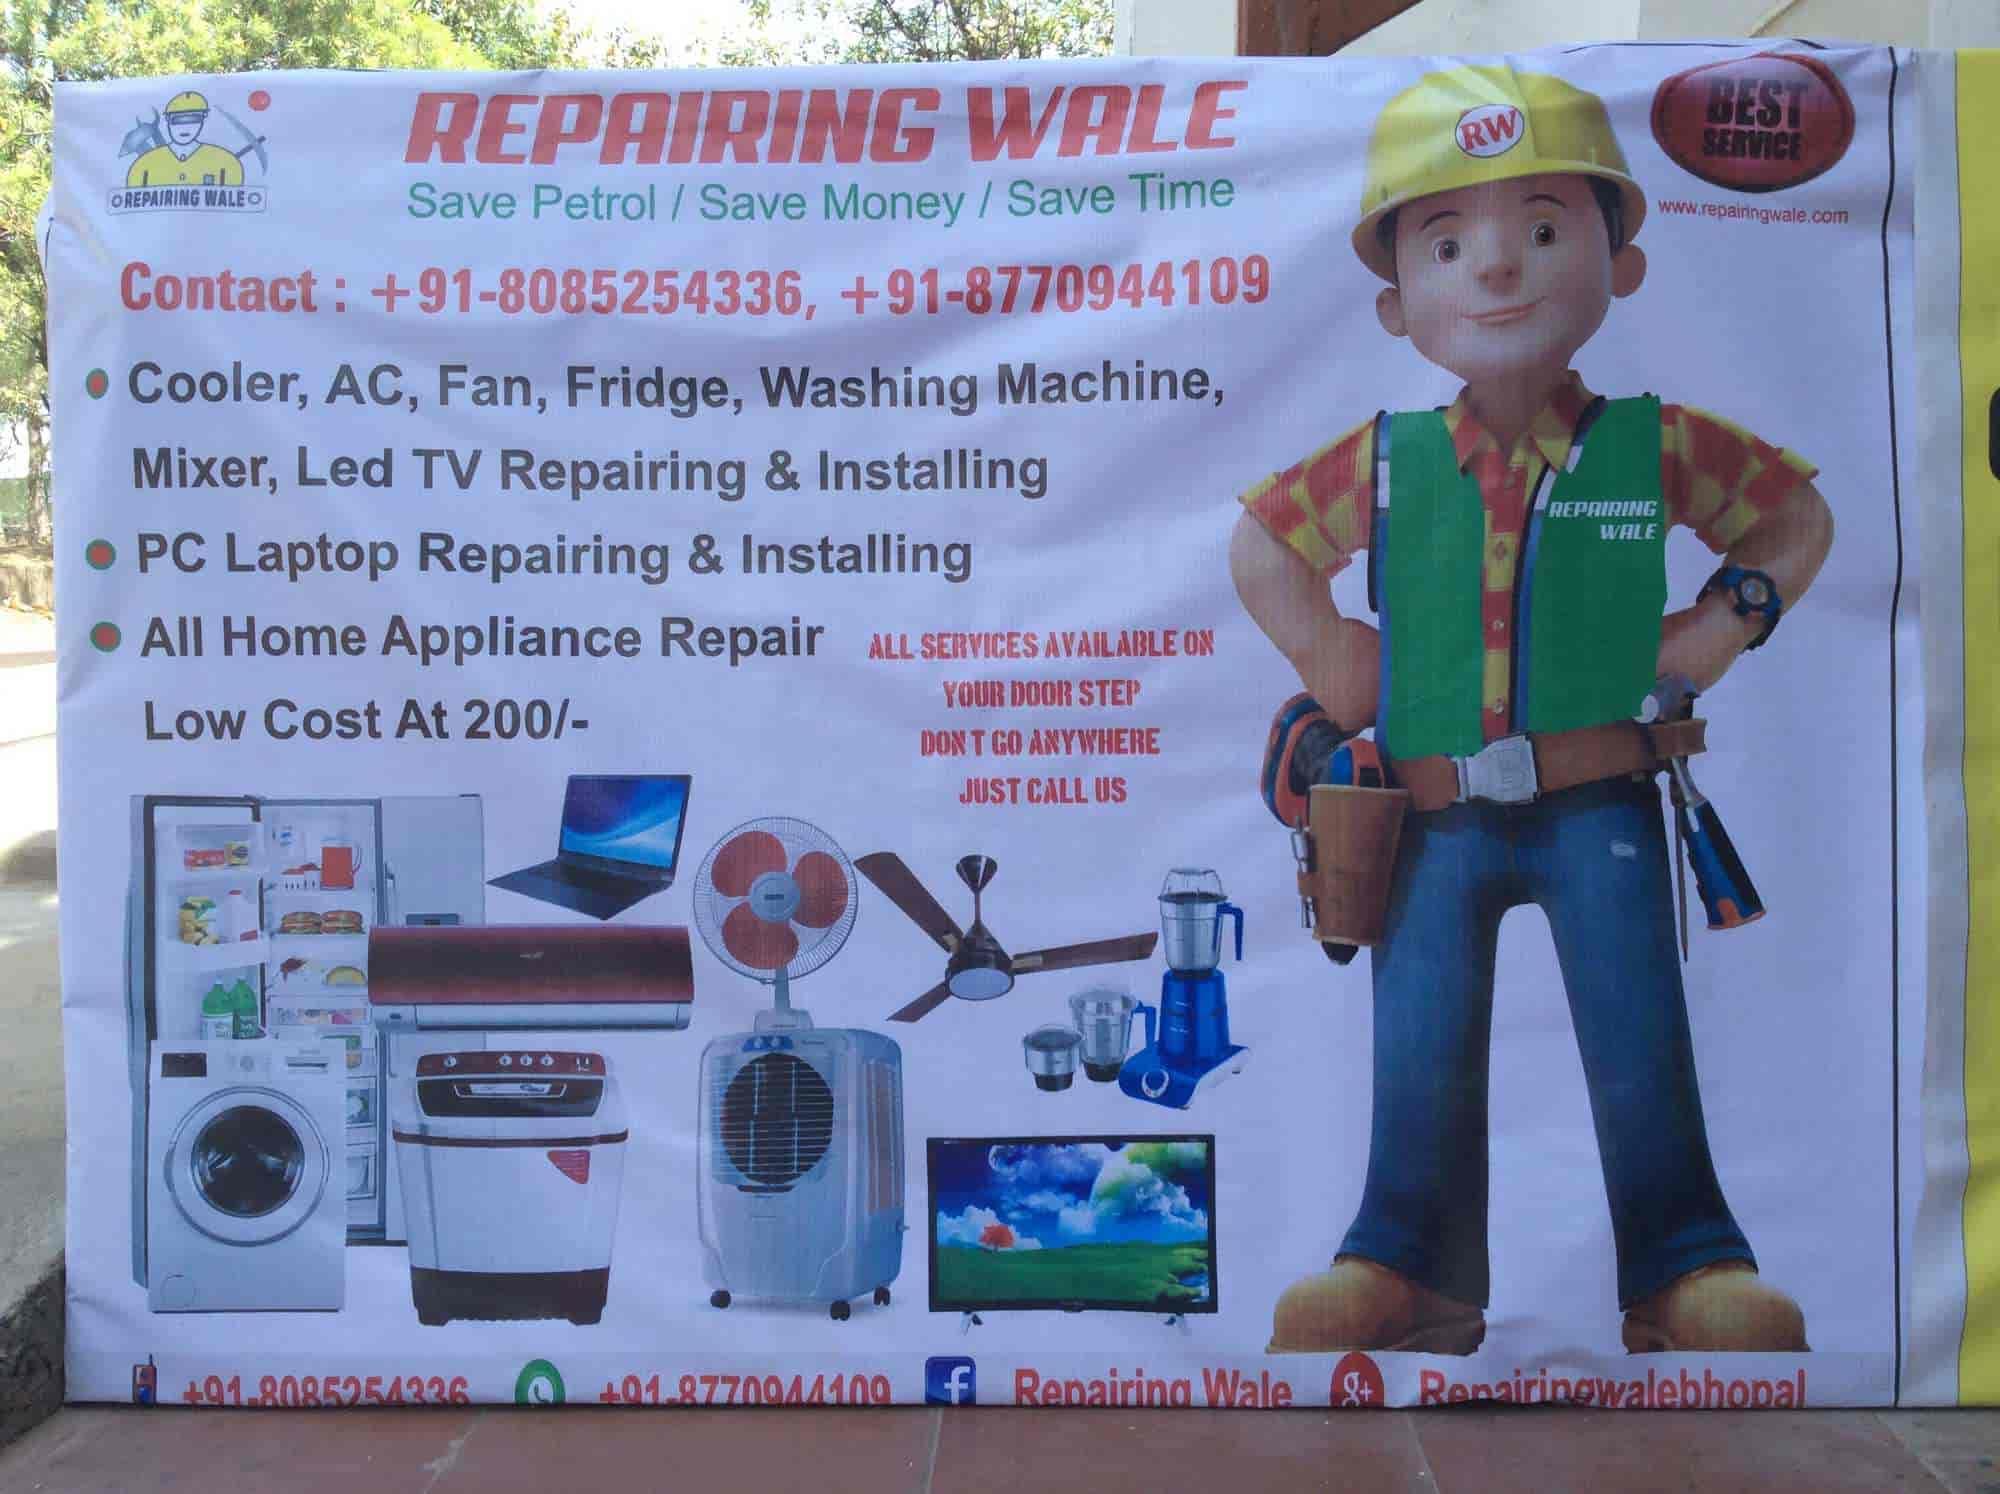 Repairing Wale, Shahapura - AC Repair & Services in Bhopal